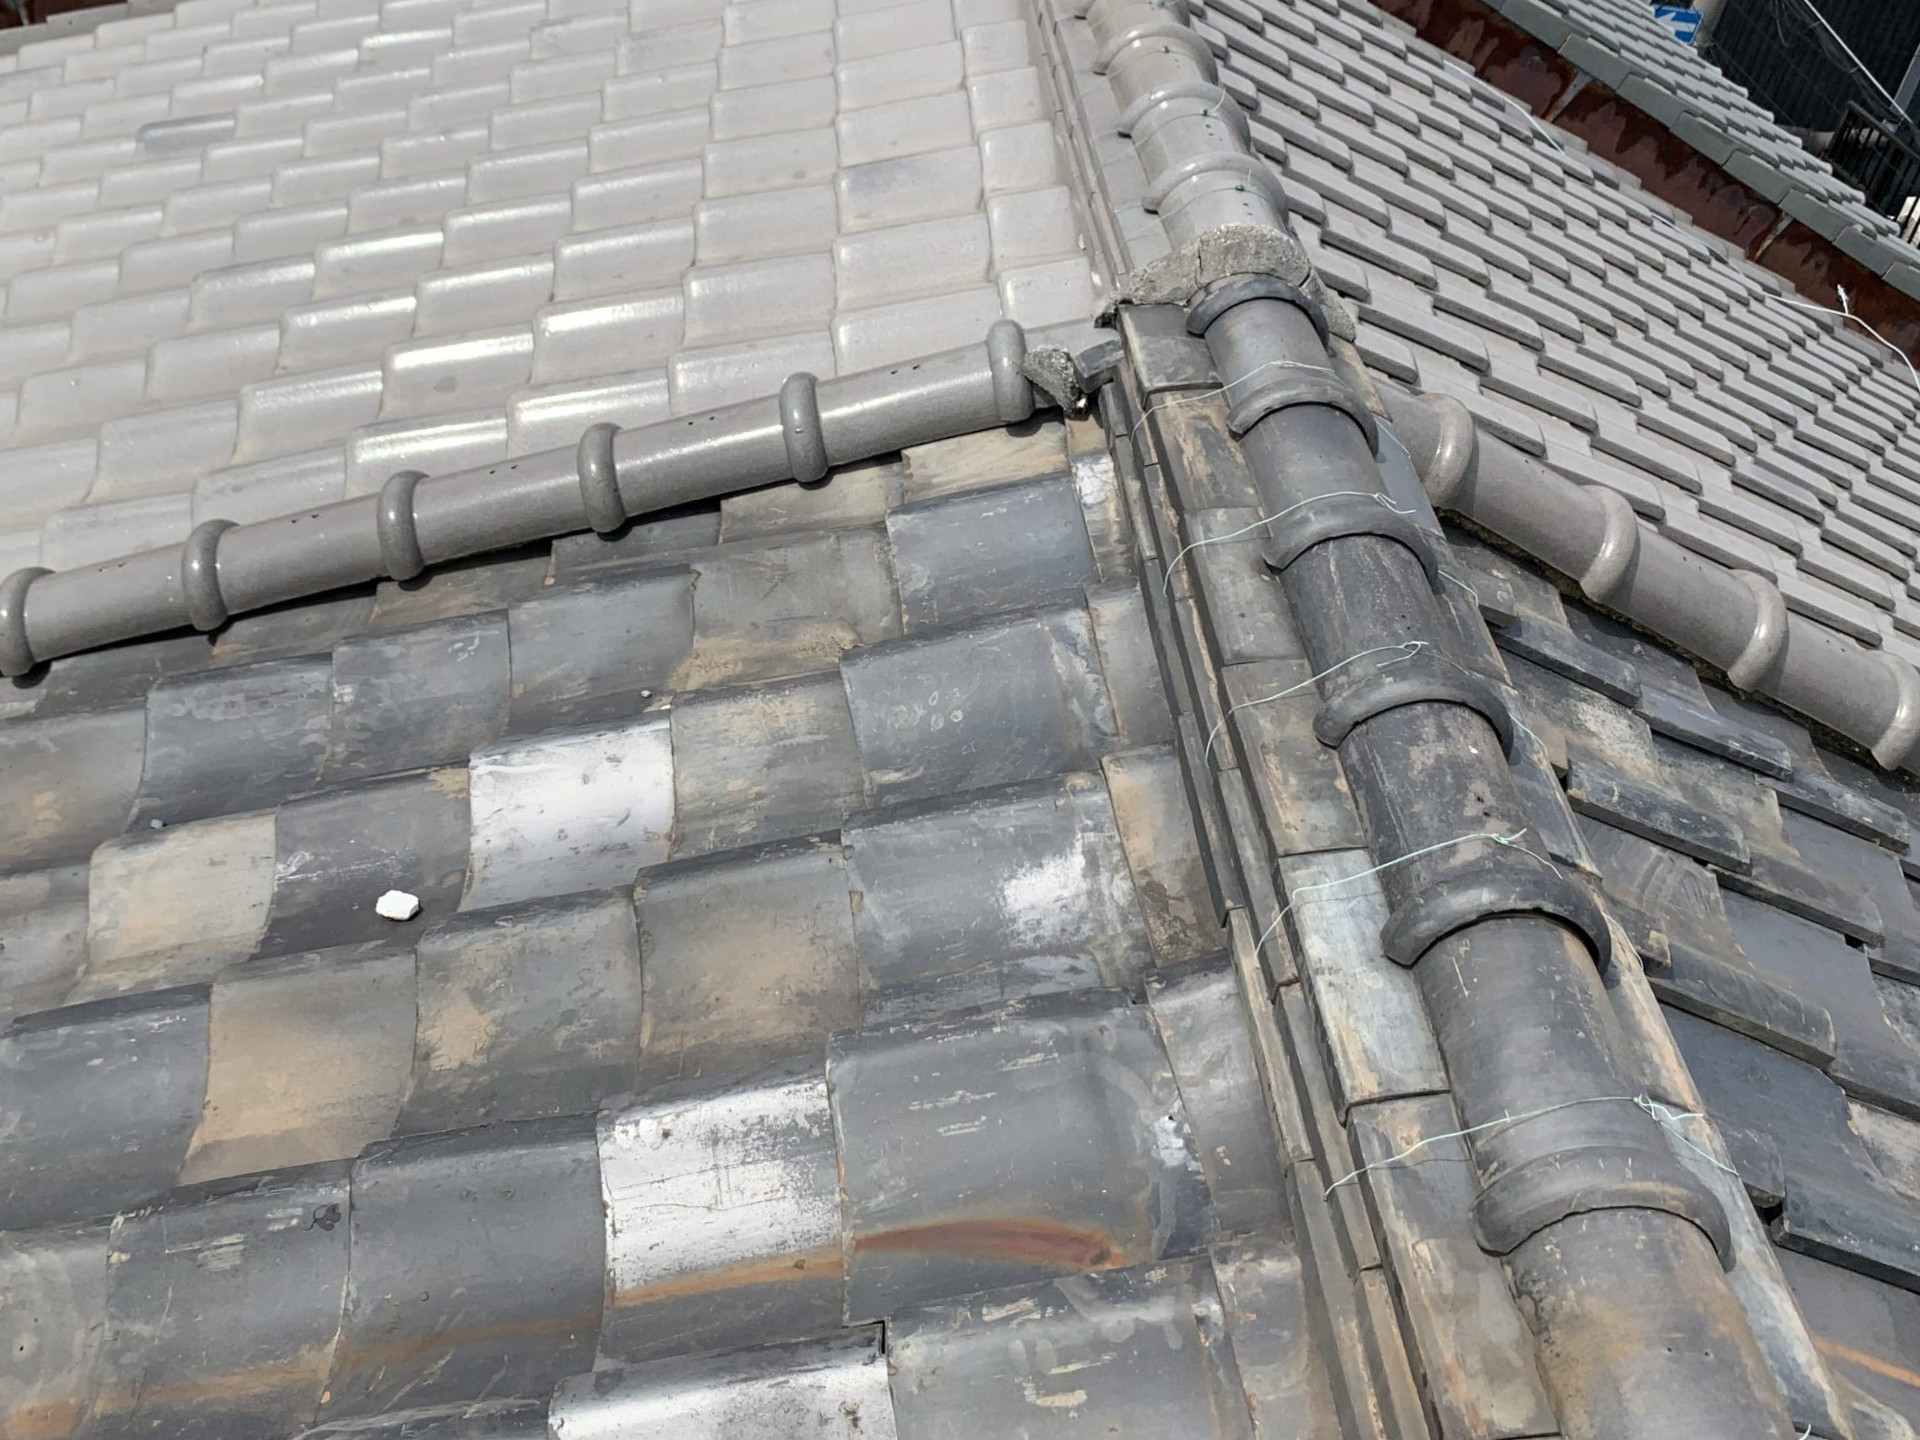 屋根に漆喰の破片が落ちている